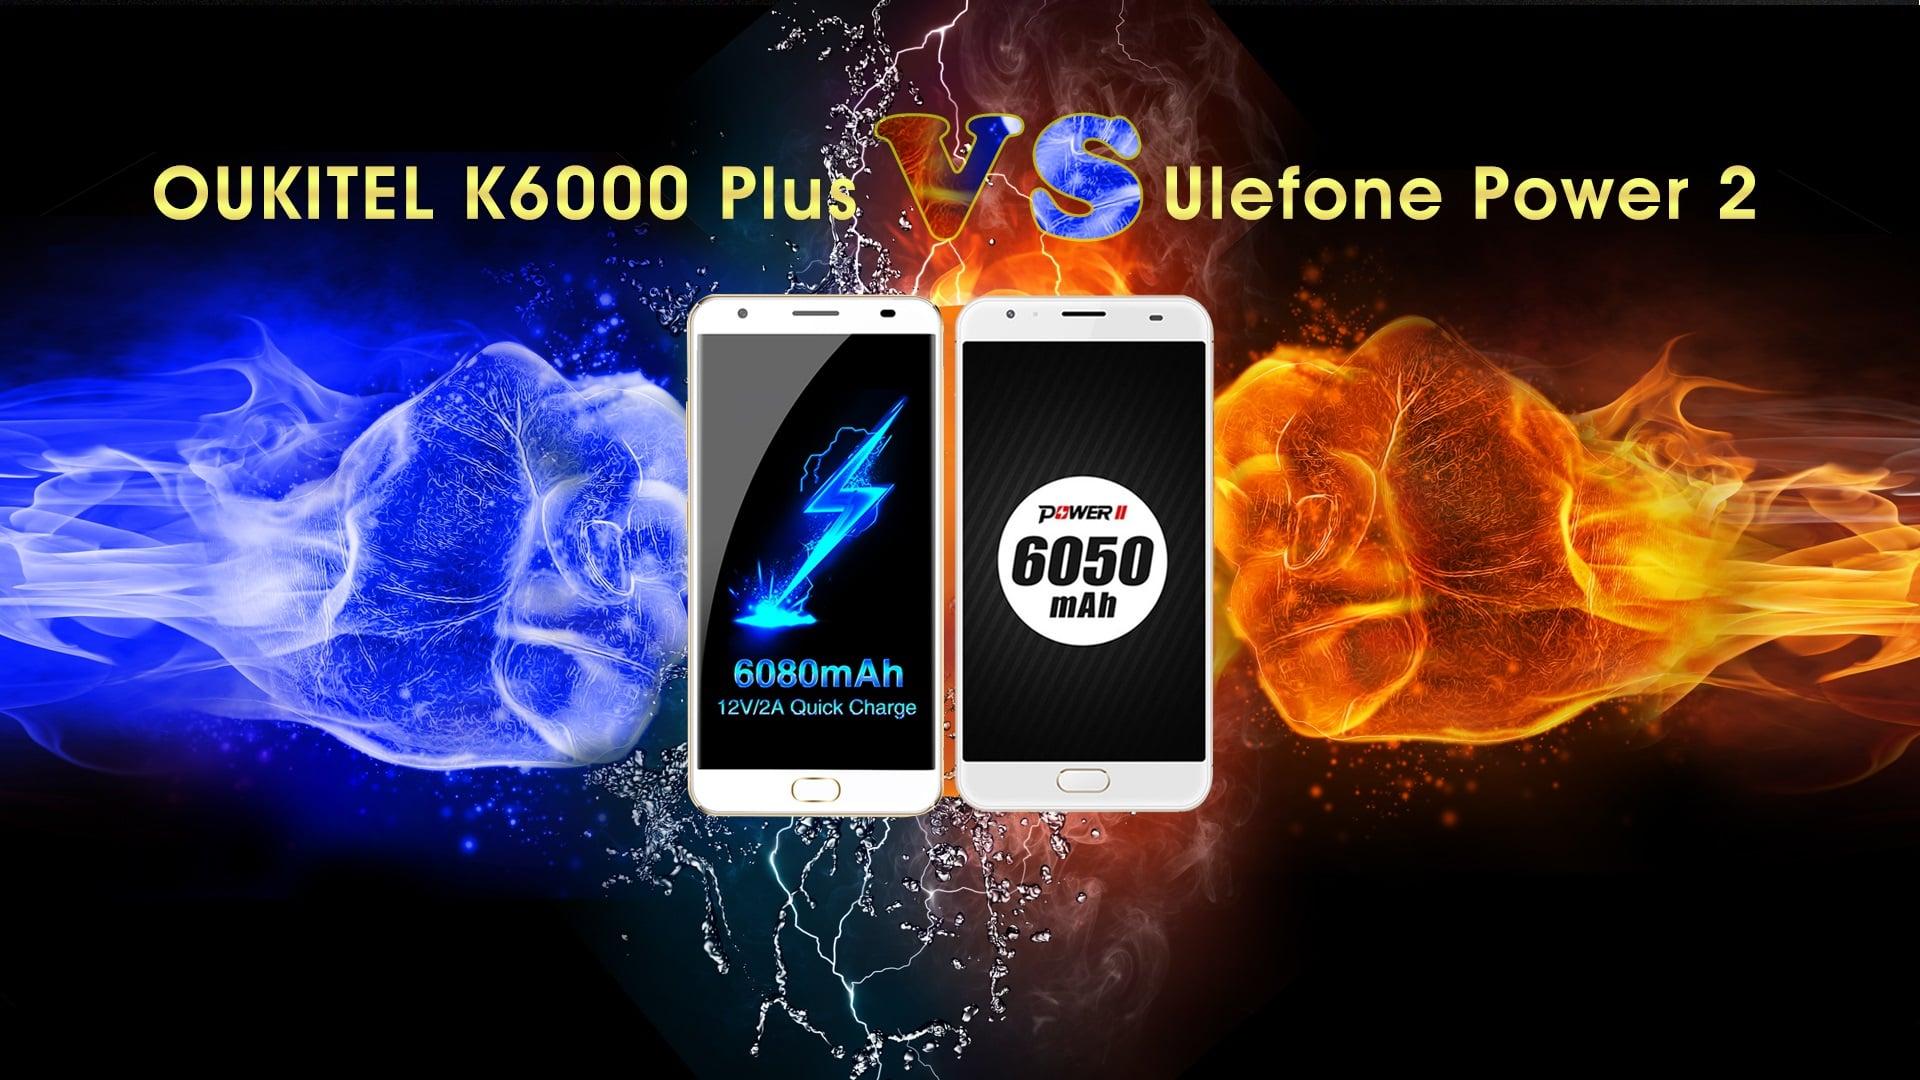 Pojedynek gigantów z baterią ~6000 mAh - Oukitel K6000 Plus vs Ulefone Power 2. Który wygra? 16